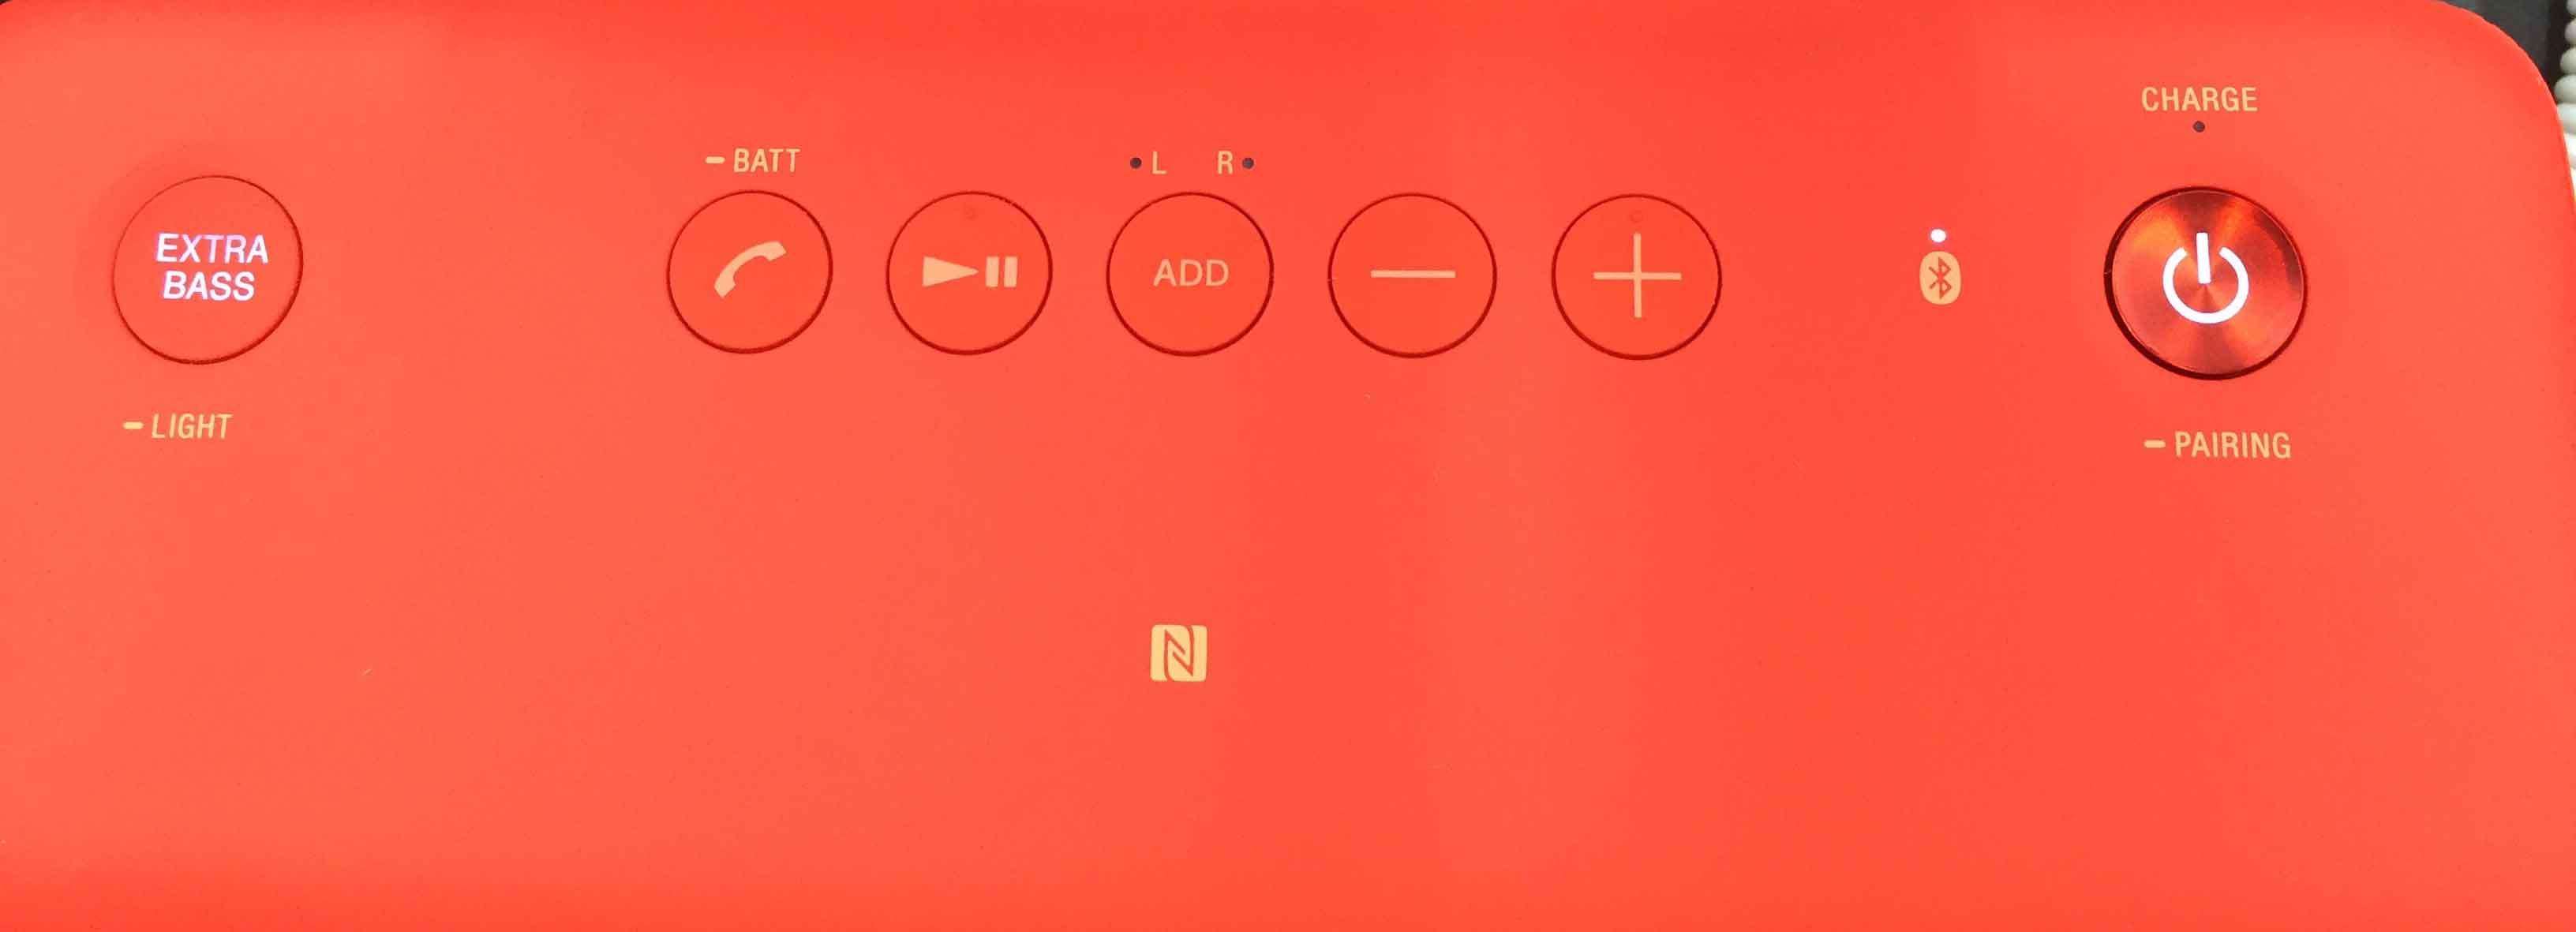 Sony SRS-XB 30 Bedienfeld